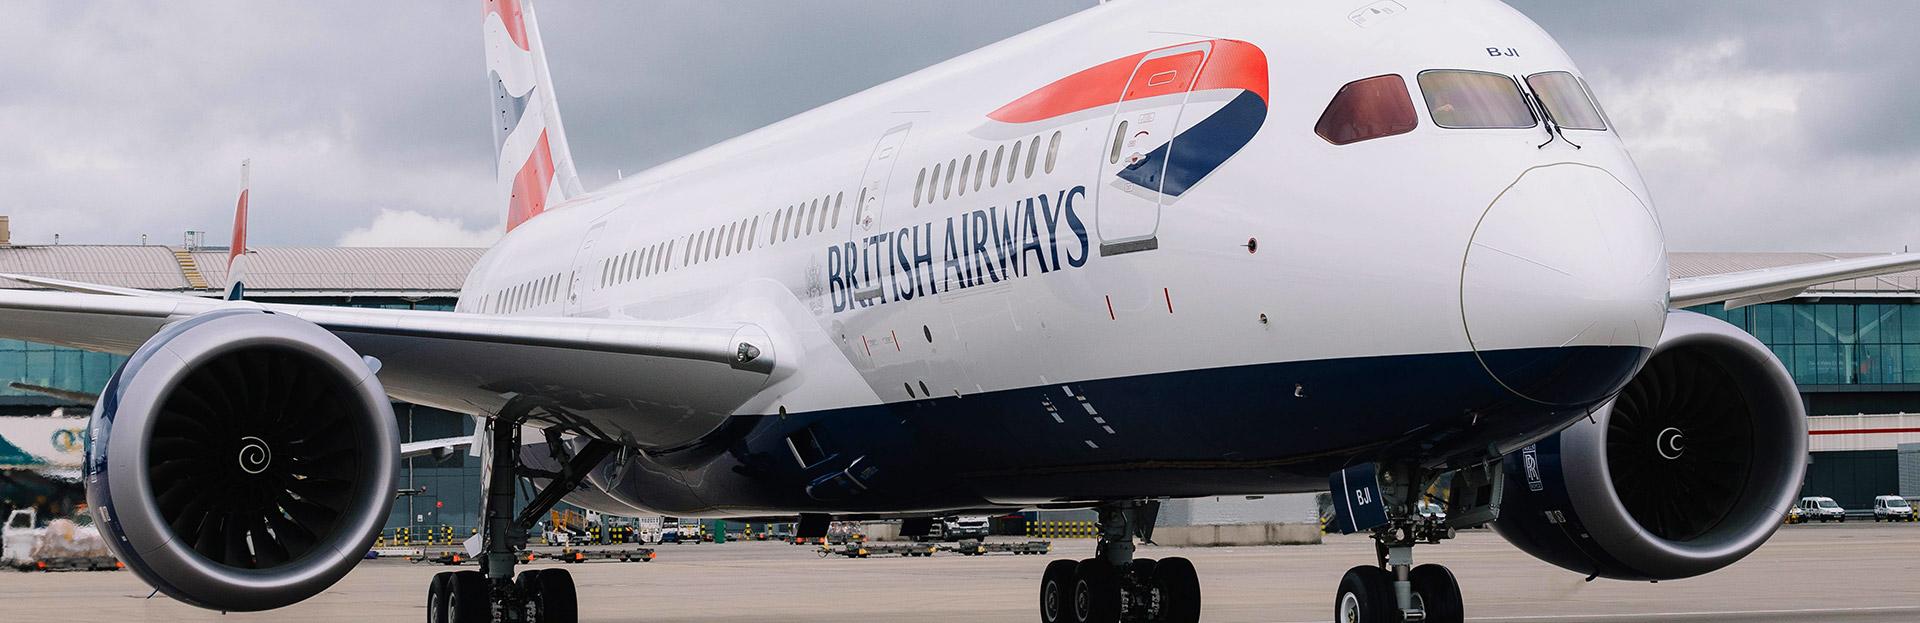 british airways sale - photo #41